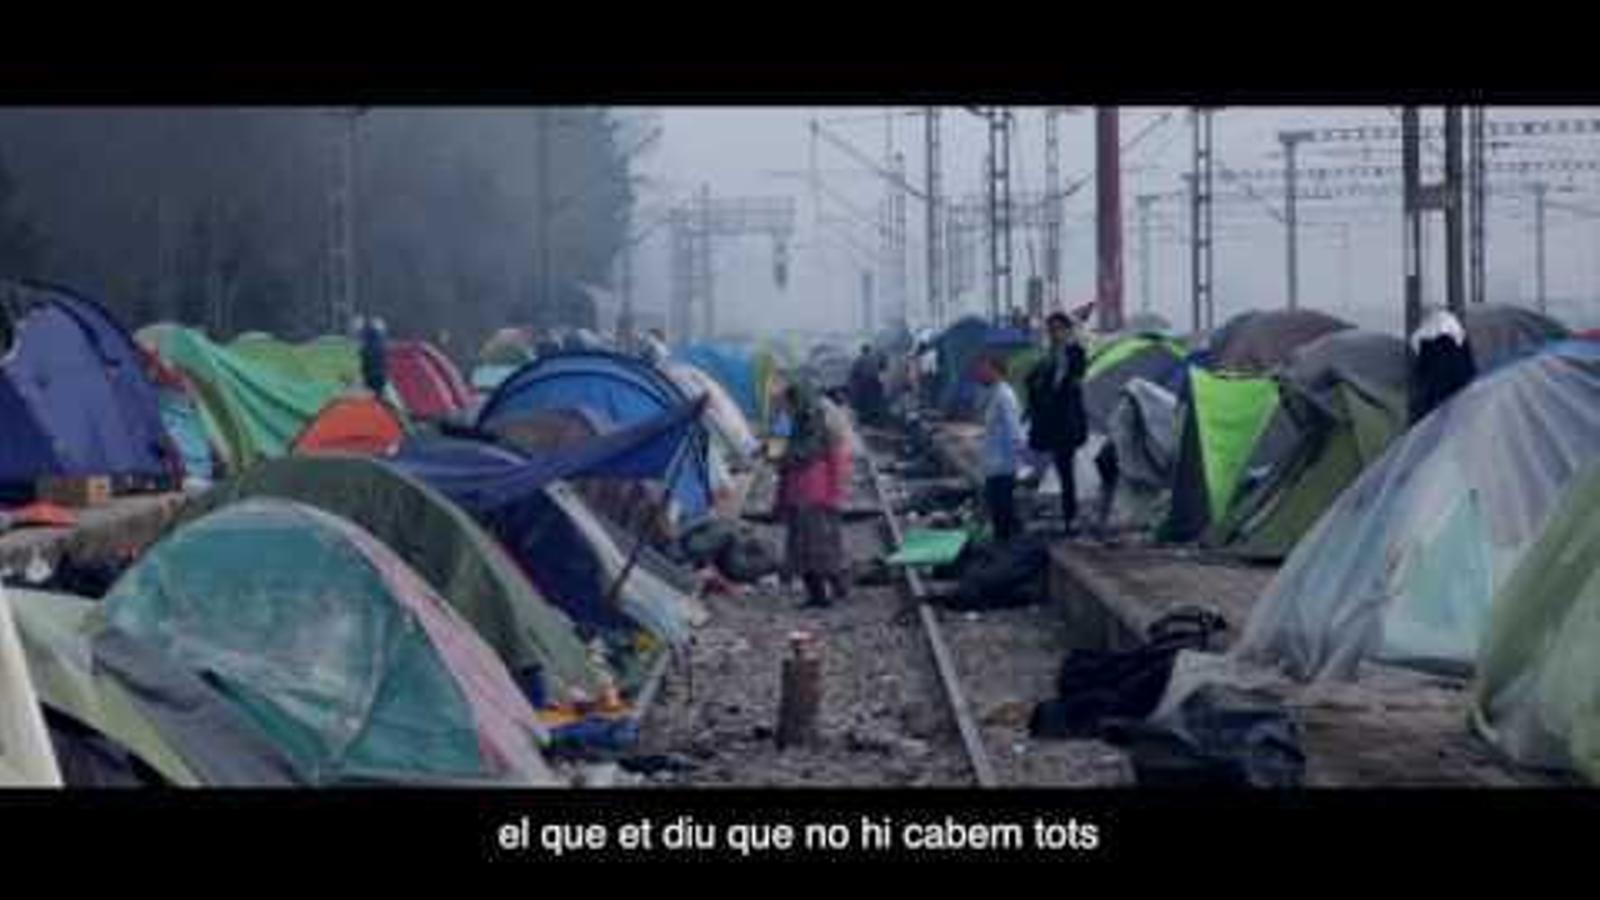 """Todo a punto para la gran manifestación """"Volem acollir"""" [""""Queremos acoger""""] del 18 de febrero en Barcelona"""